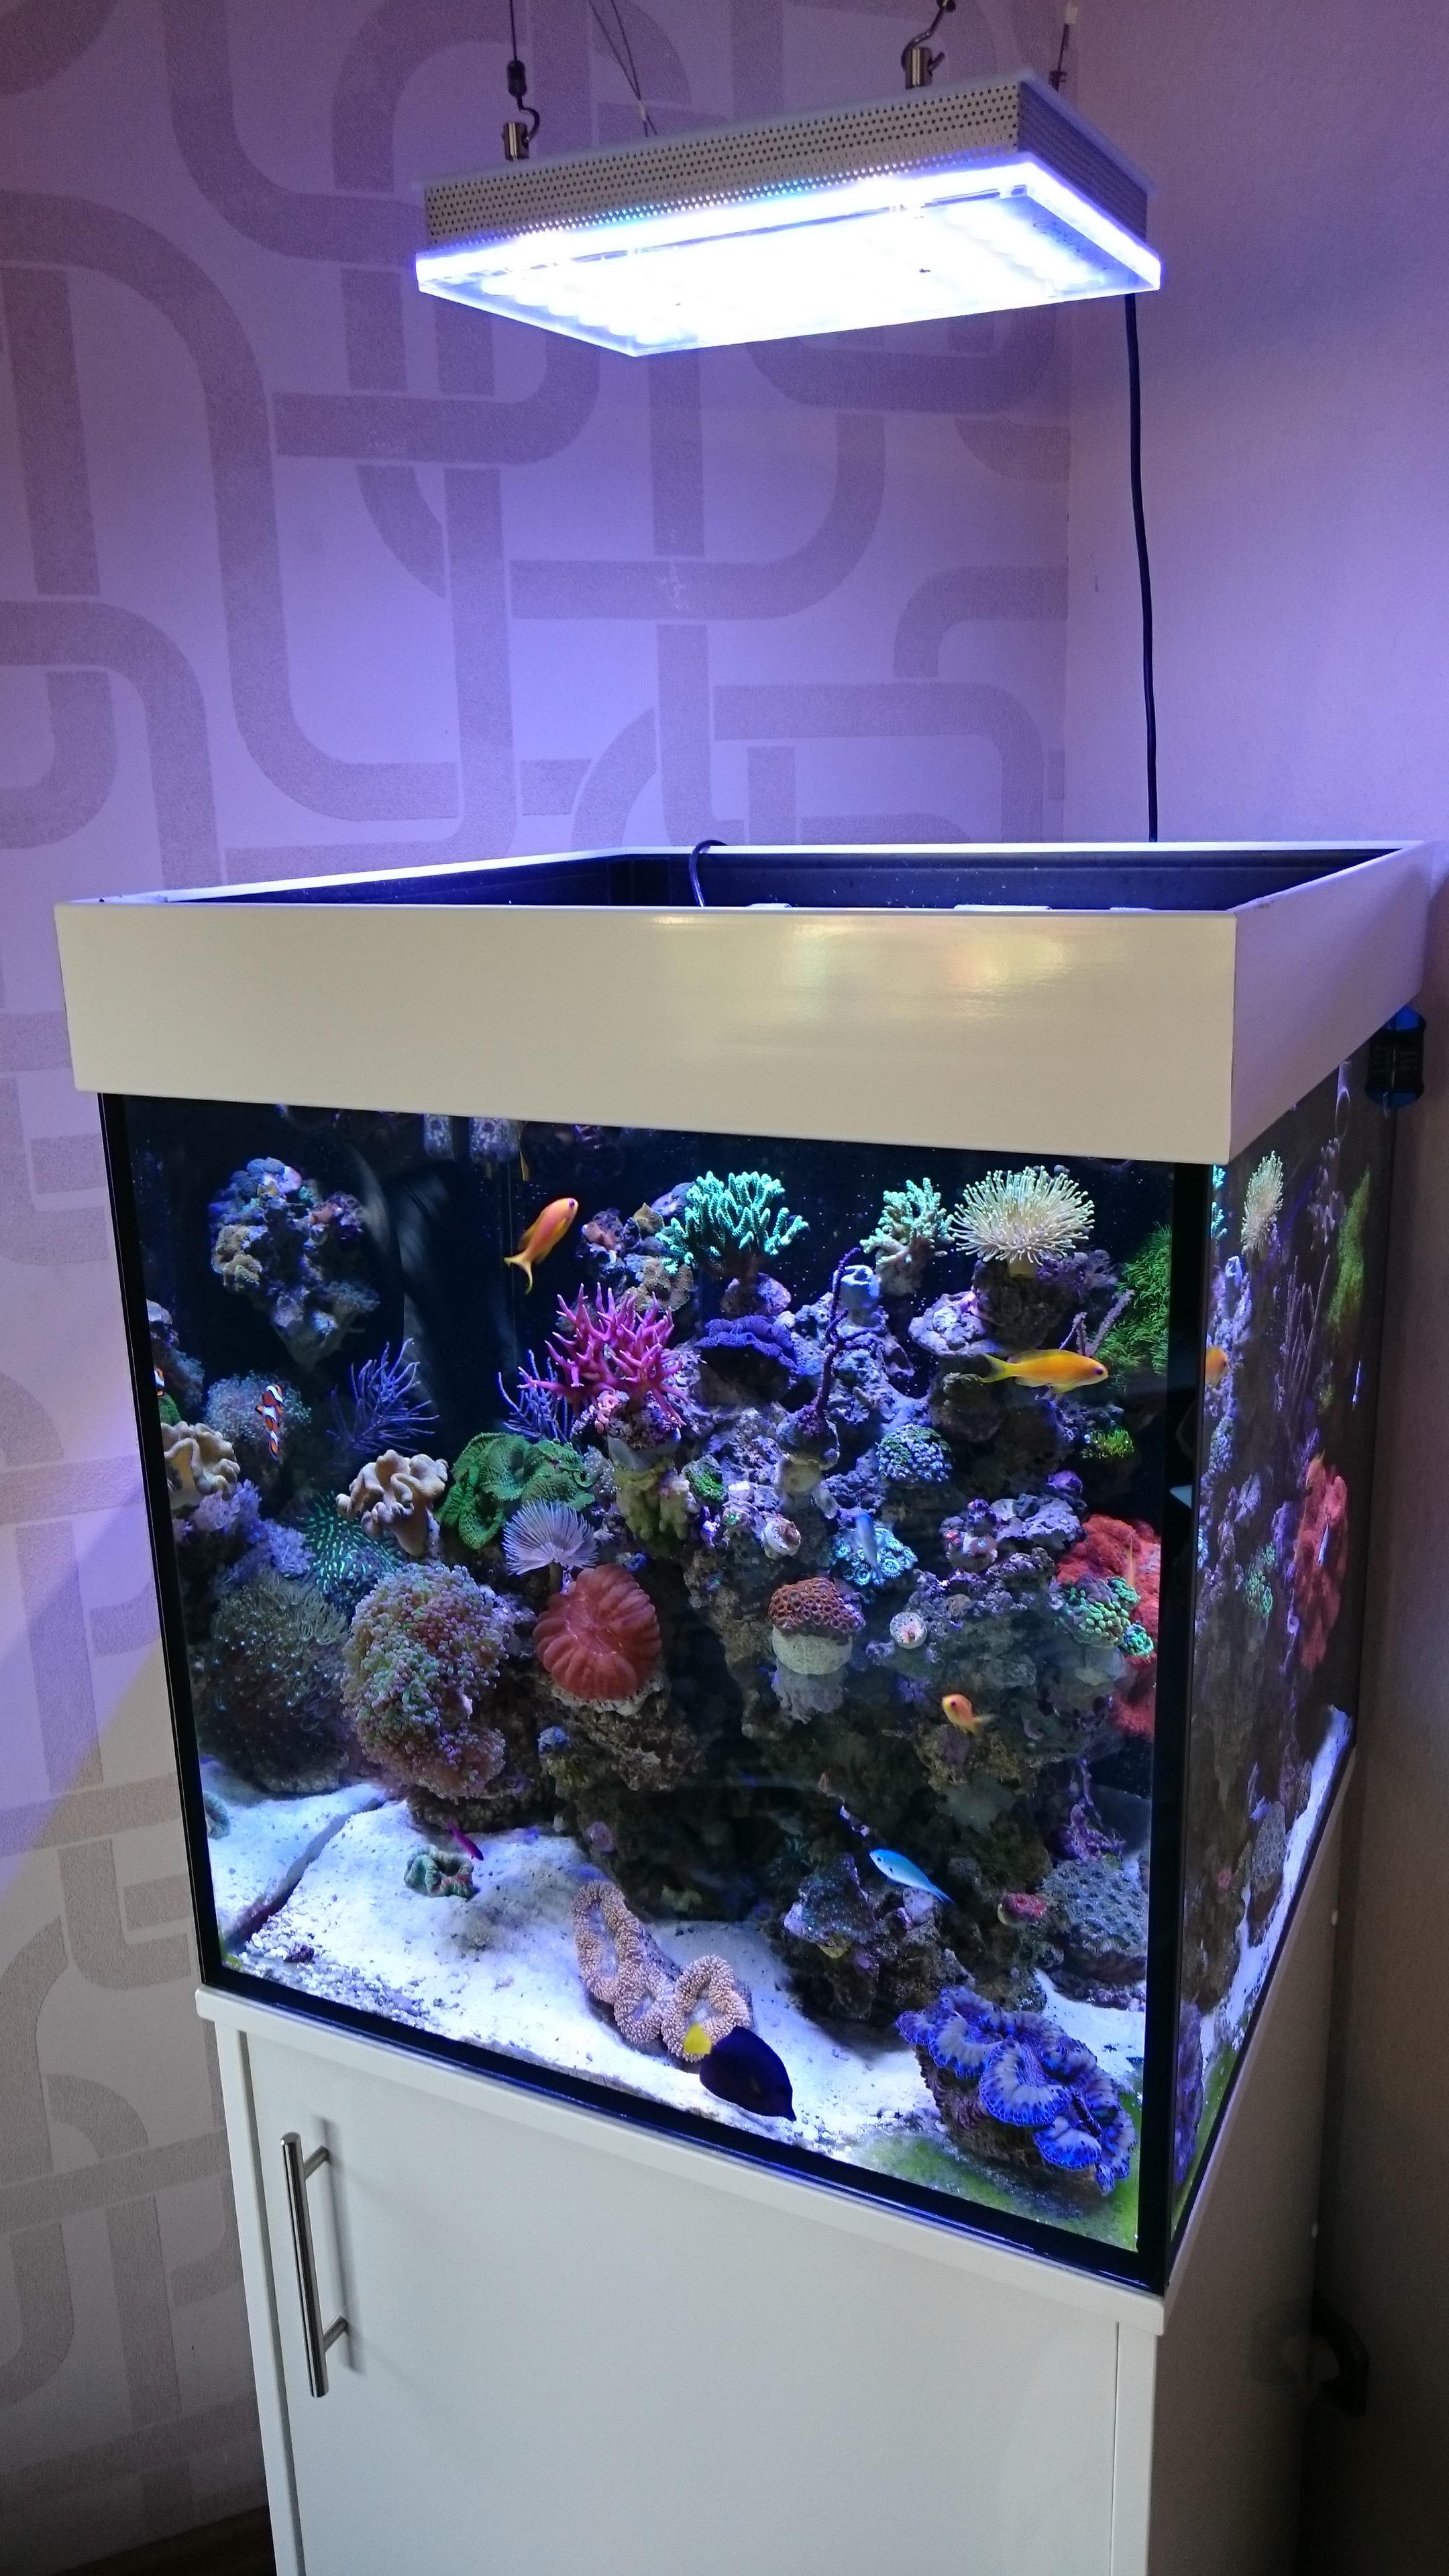 Atlantik Compact 24 Inci Cube Reef Aquarium Aquarium Led